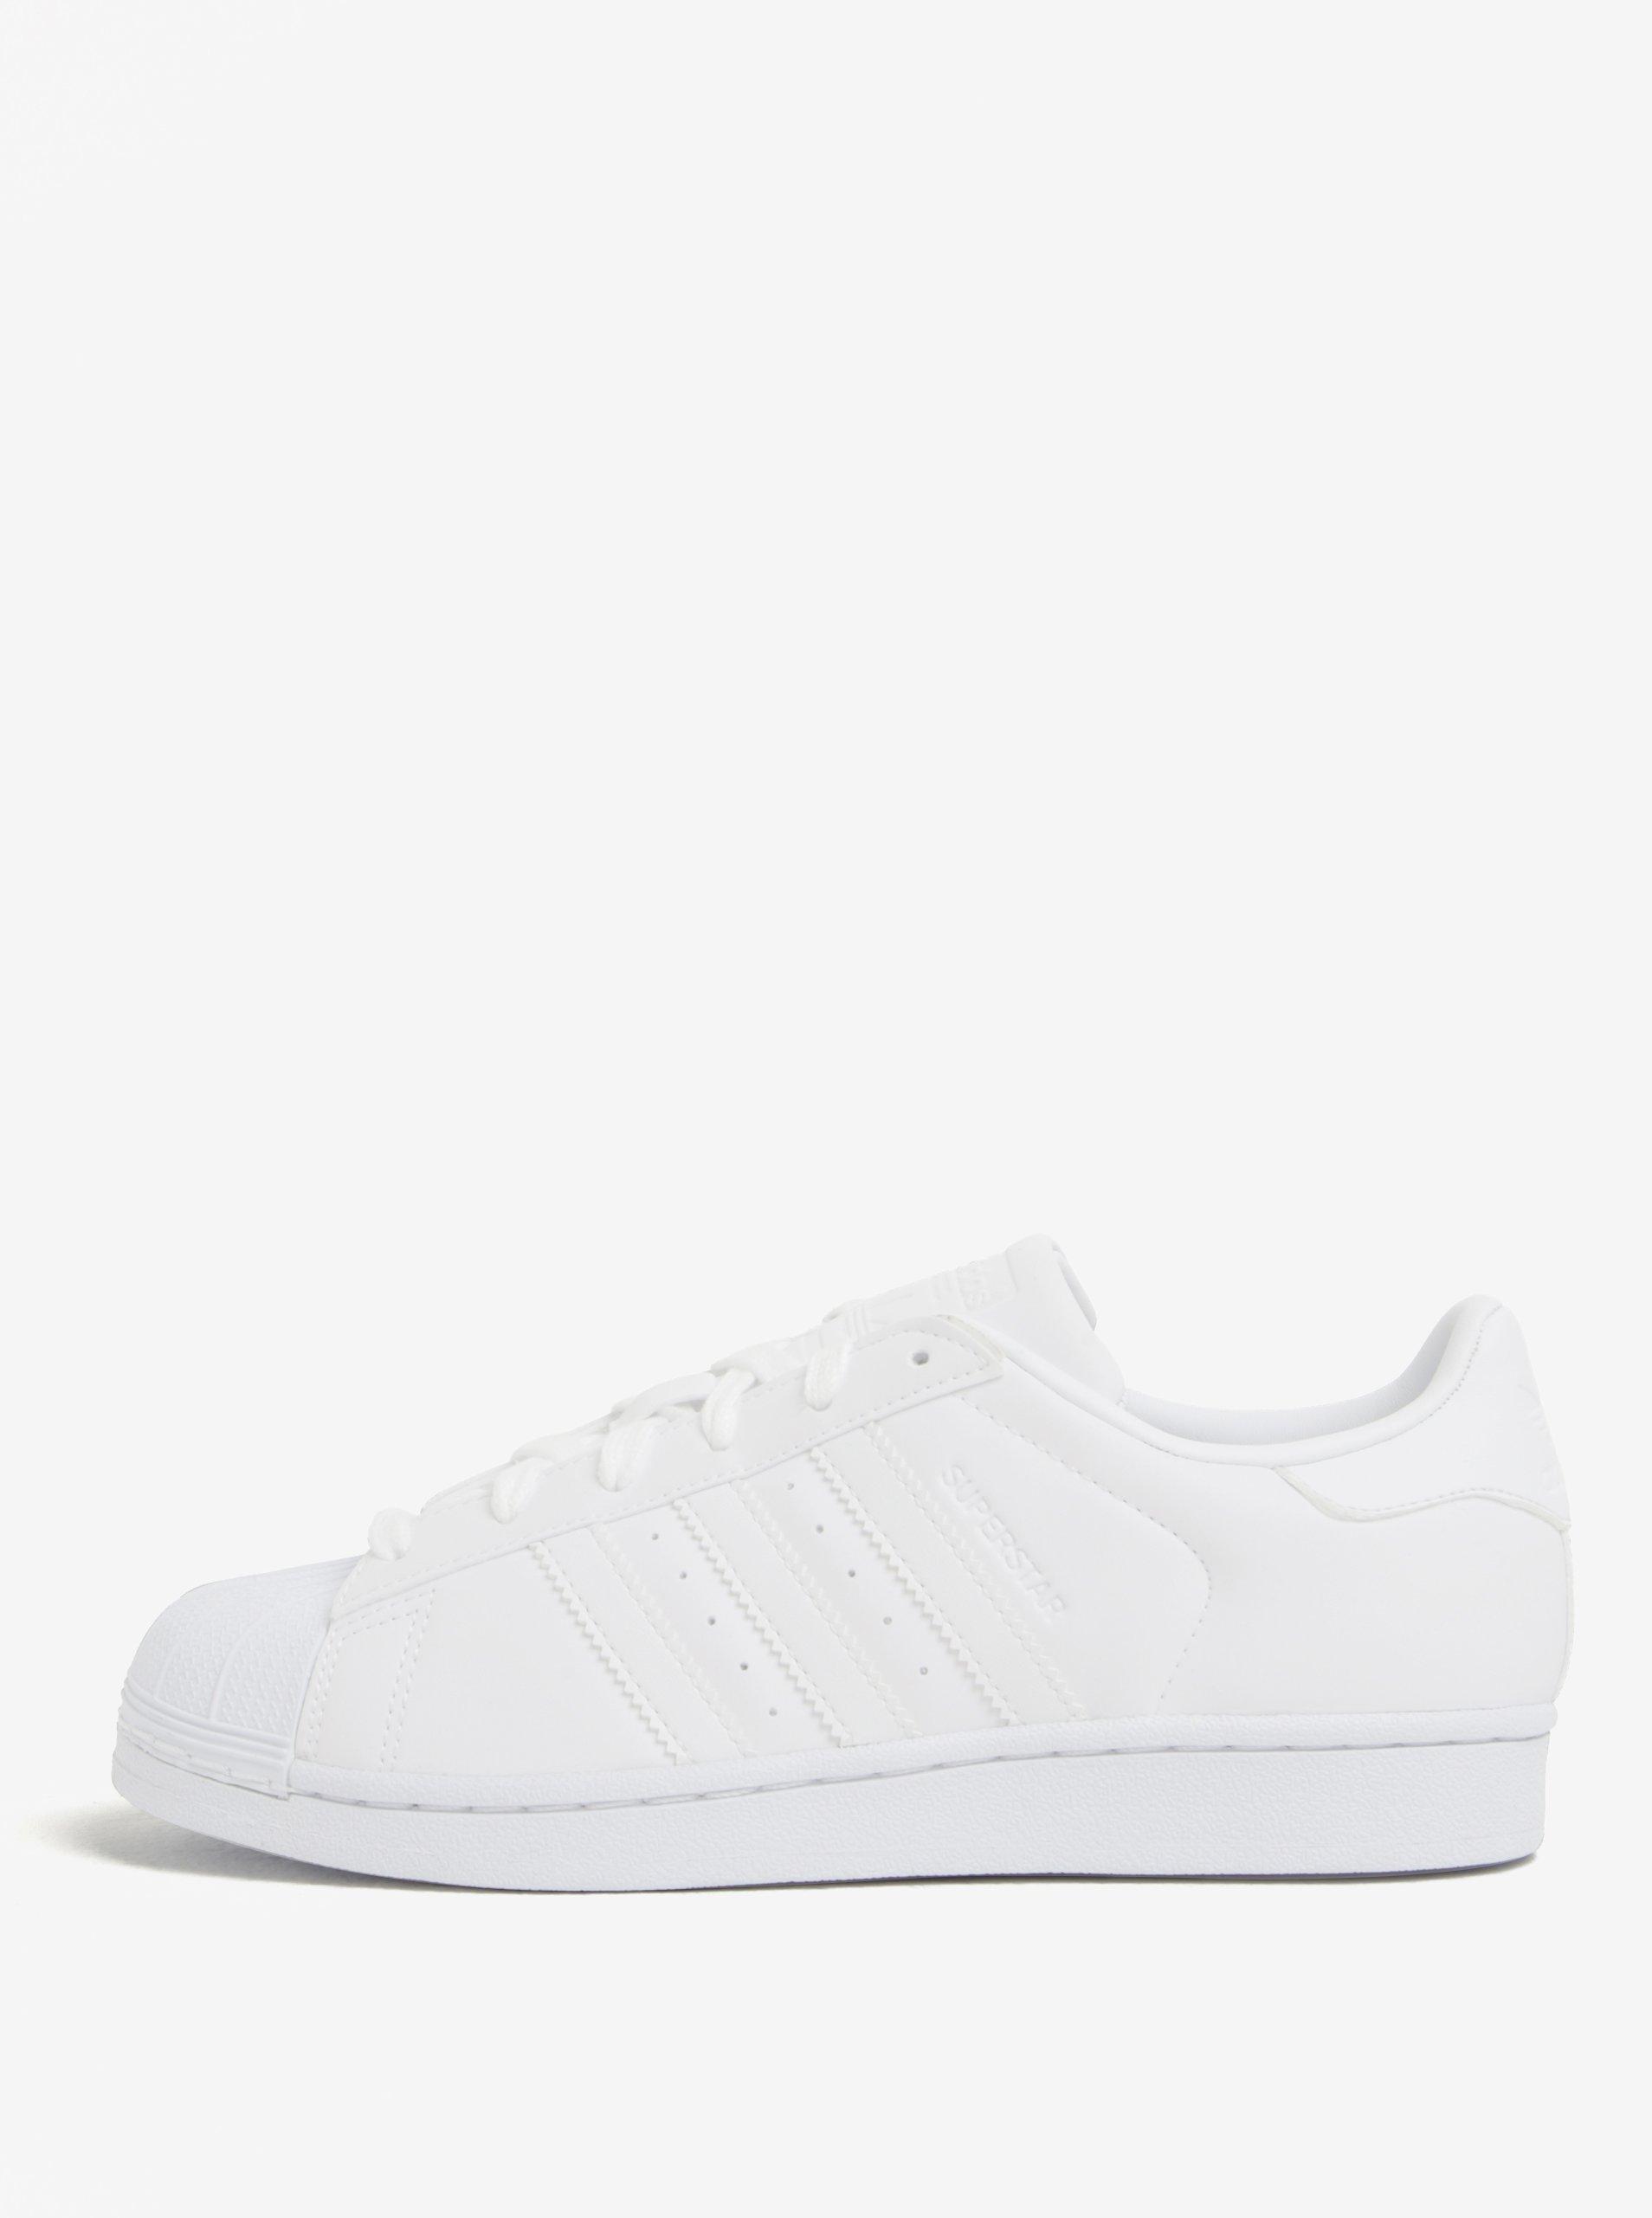 Biele dámske tenisky adidas Originals Superstar  e0772dd27da